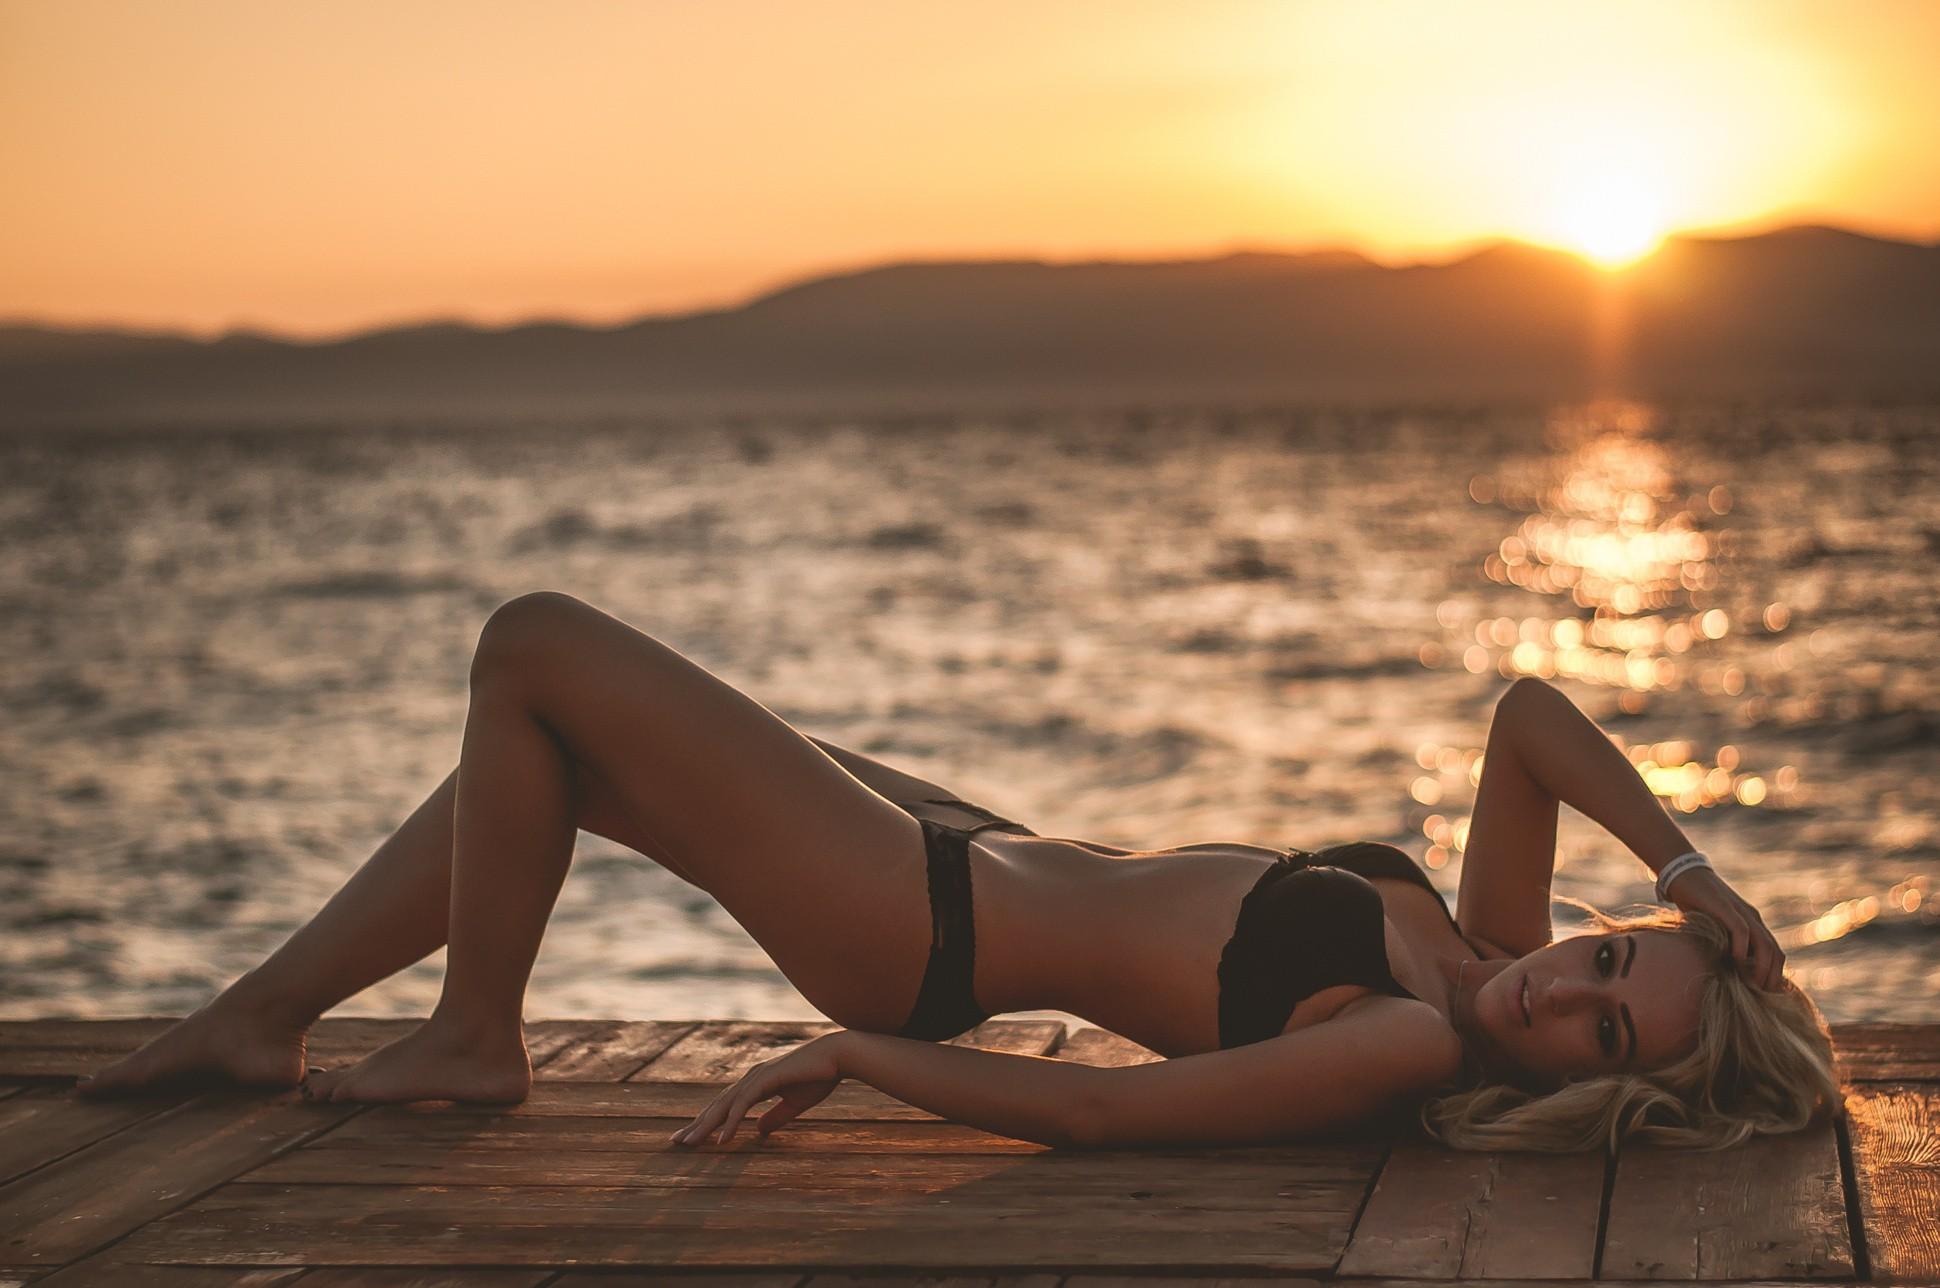 актриса фото закат пляжная фотосессия думаю можно так